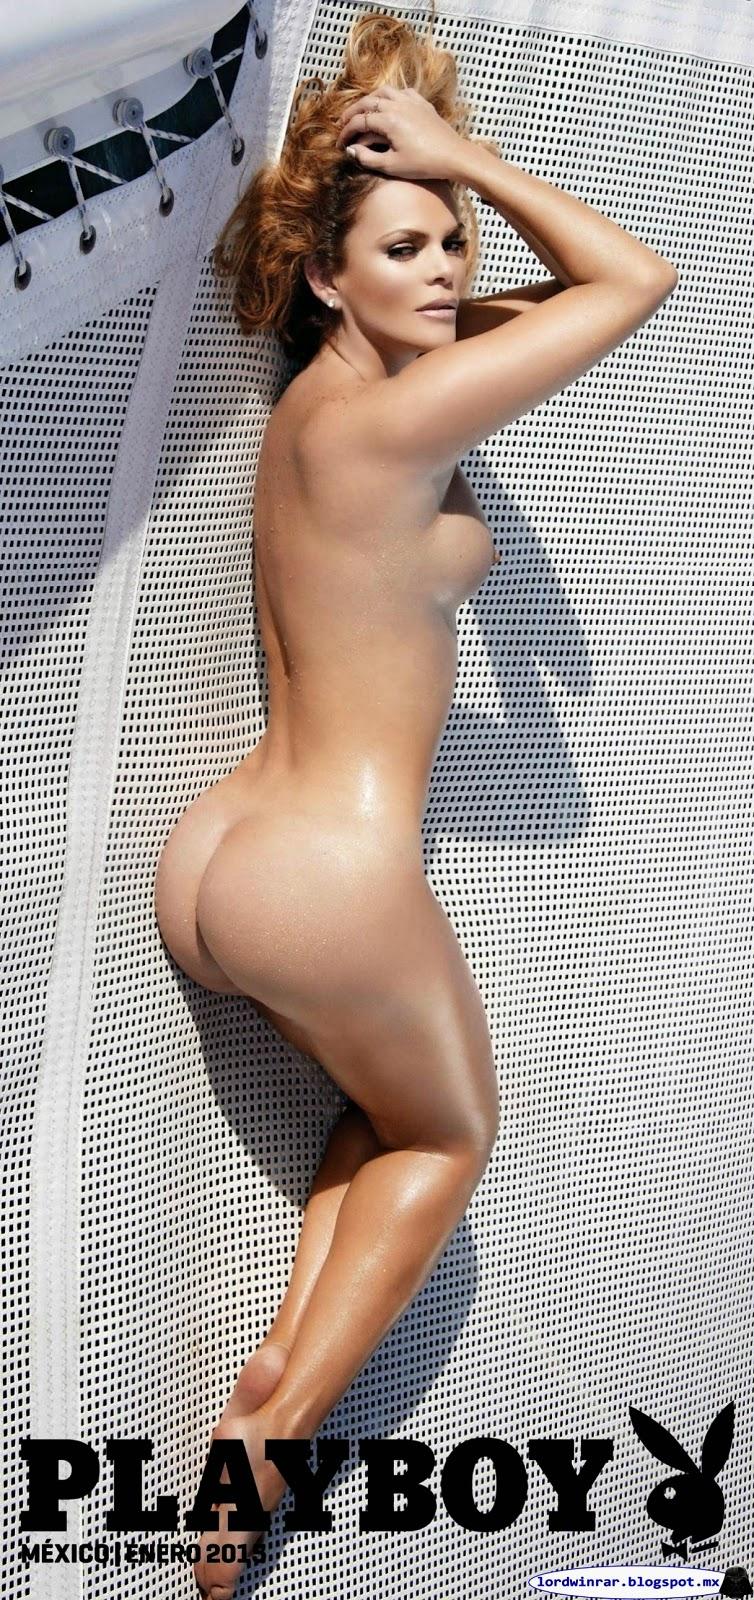 Aline Hernandez Sex aline hernandez playboy mexico enero blog de lord nude